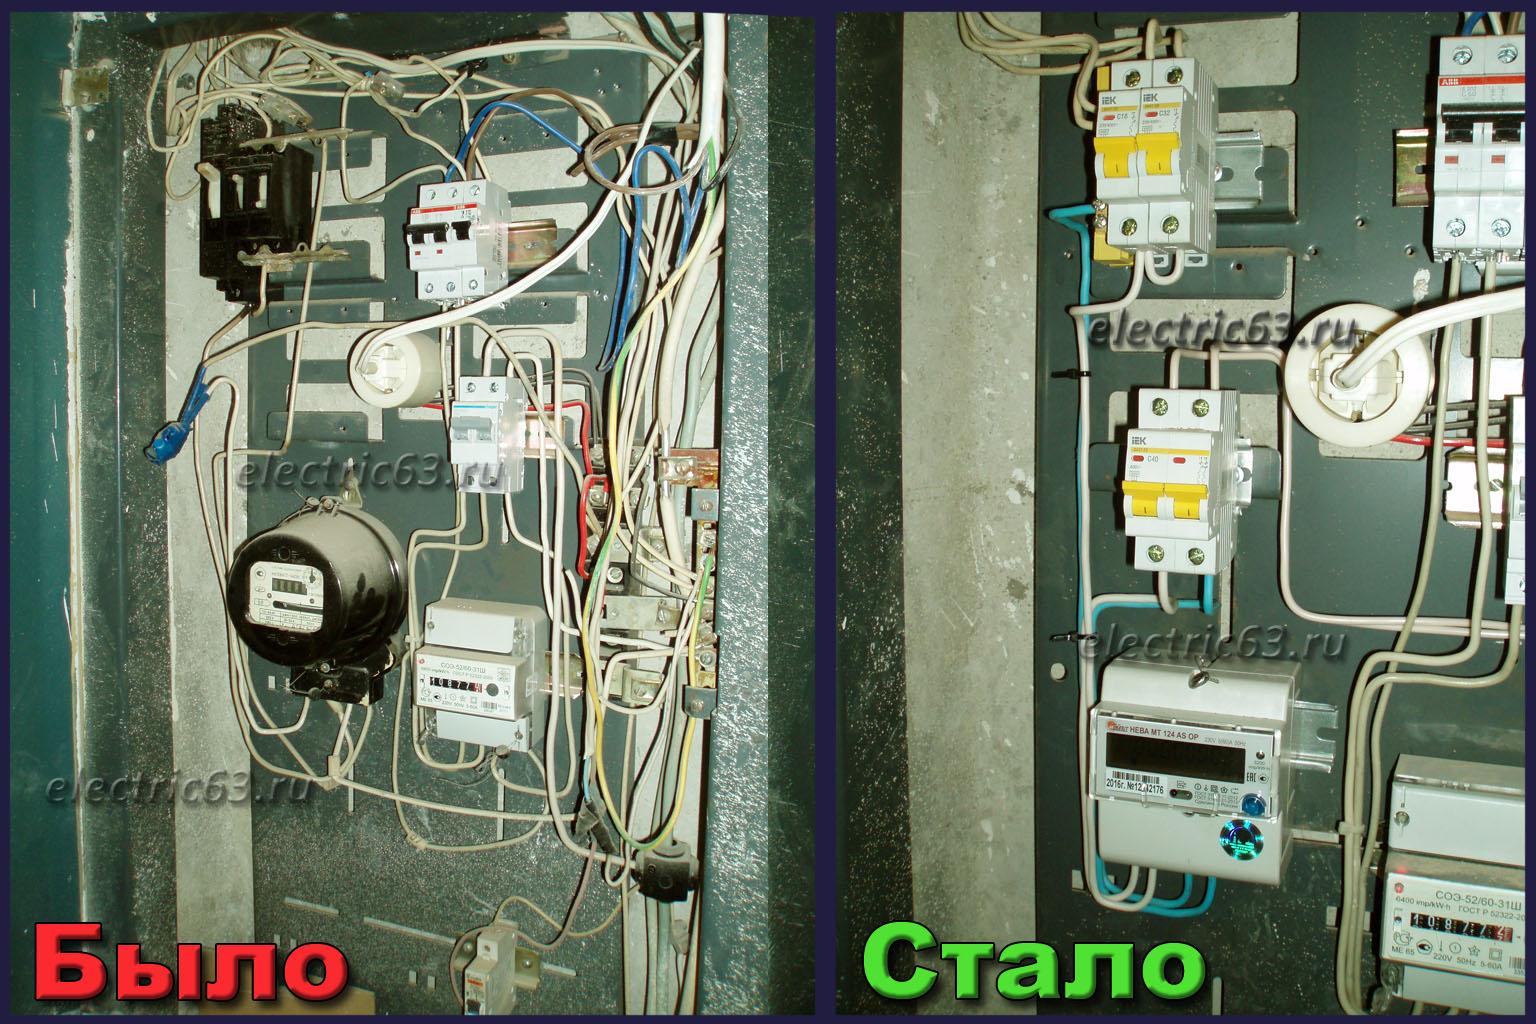 Замена счетчика электроэнергии в частном доме своими руками